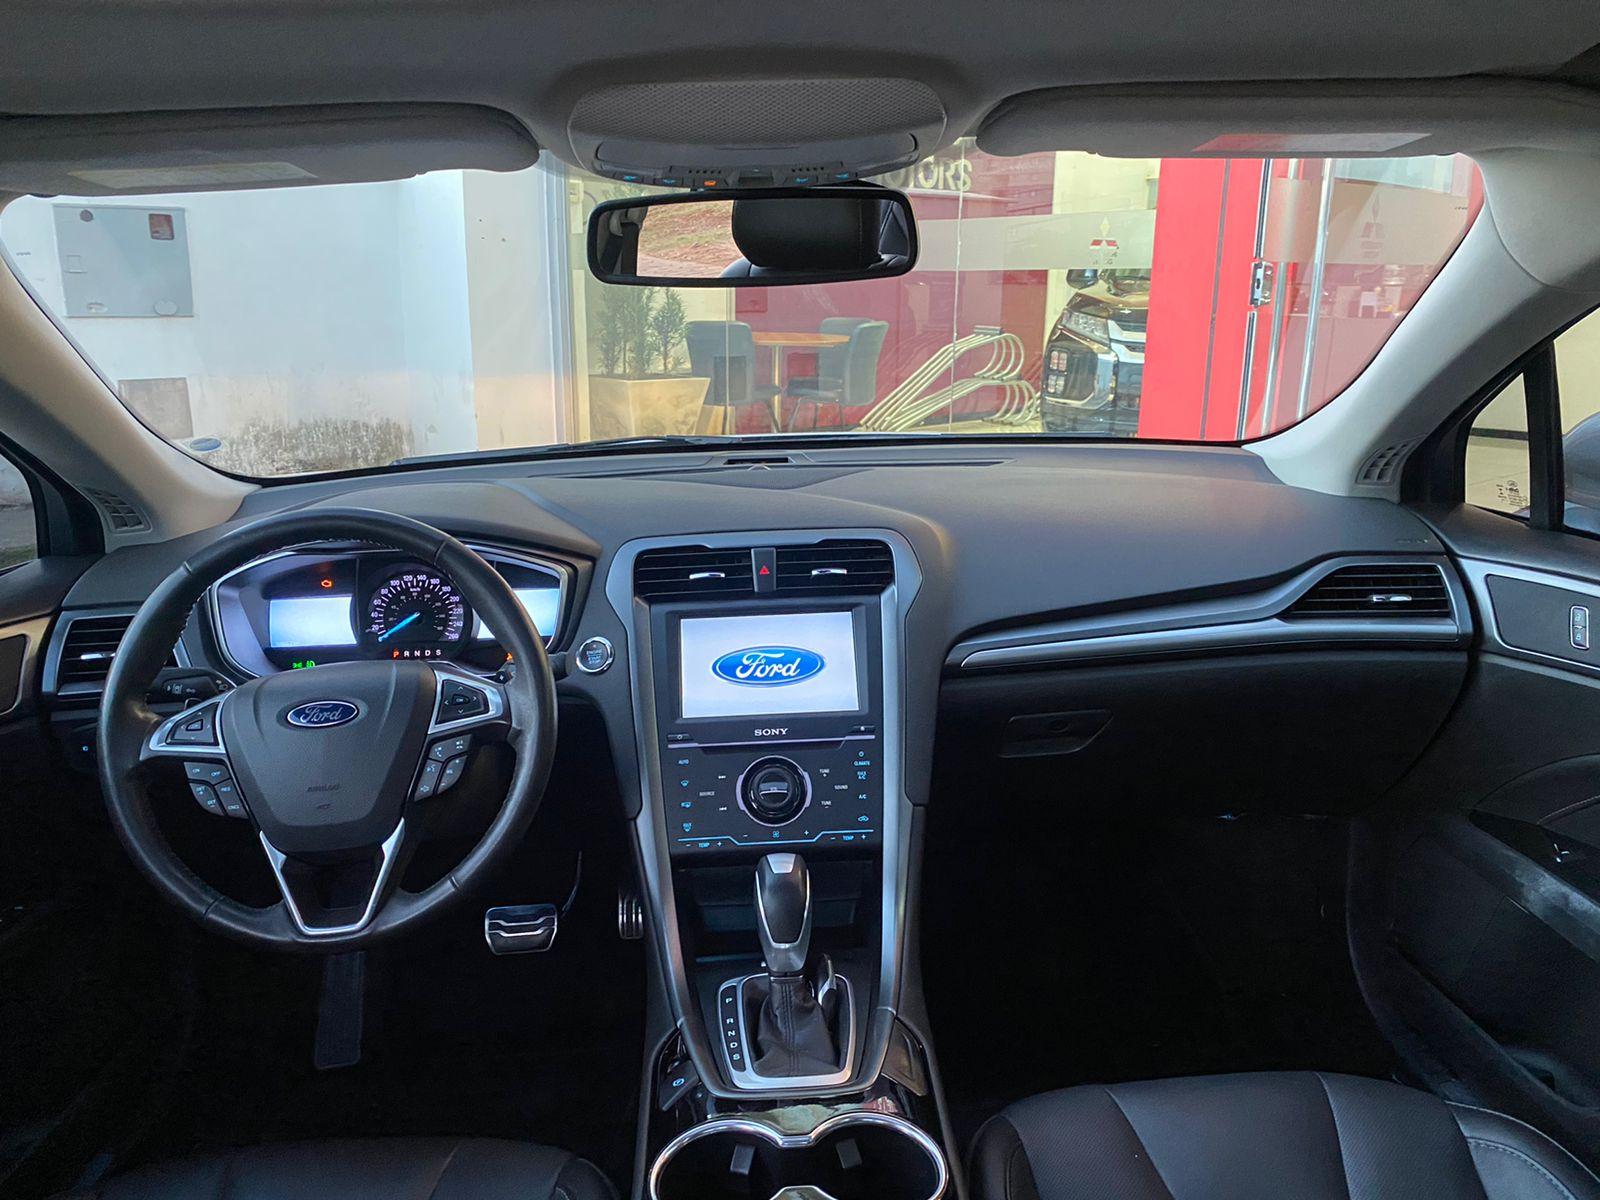 Imagem 7 de Ford Fusion Titanium 2.0 GTDI Eco. Fwd Aut.